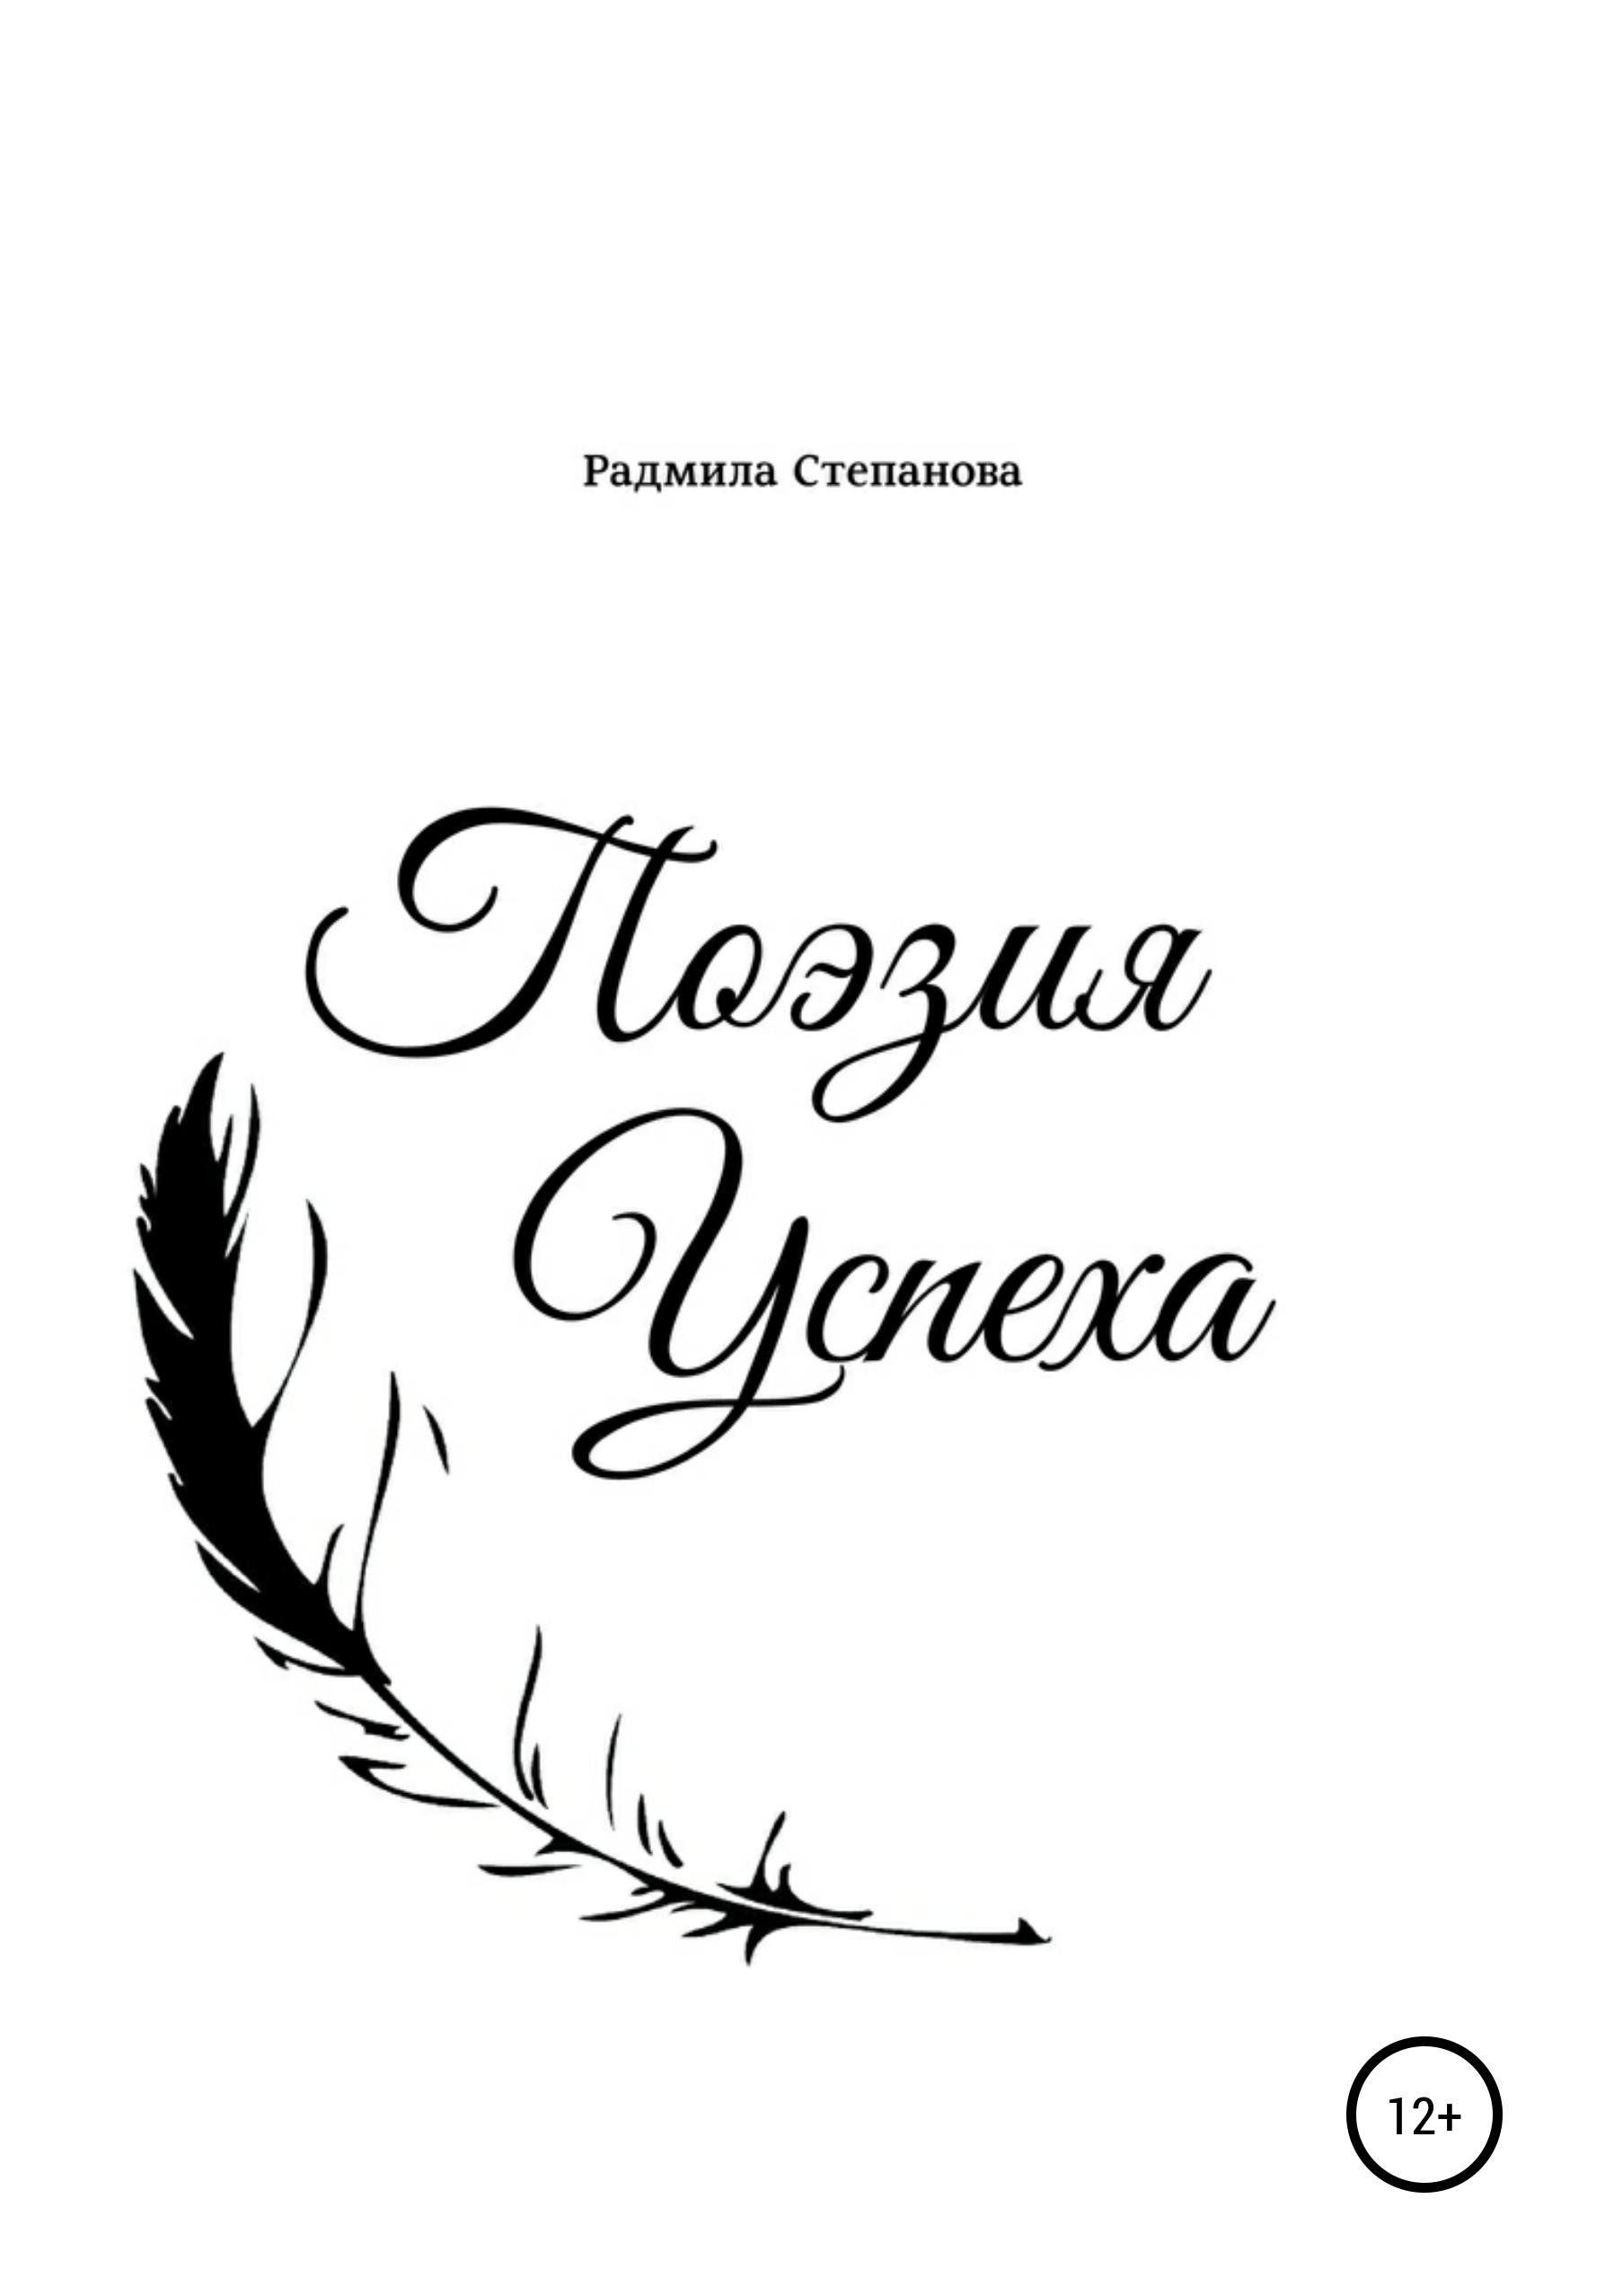 цена на Радмила Анатольевна Степанова Поэзия успеха